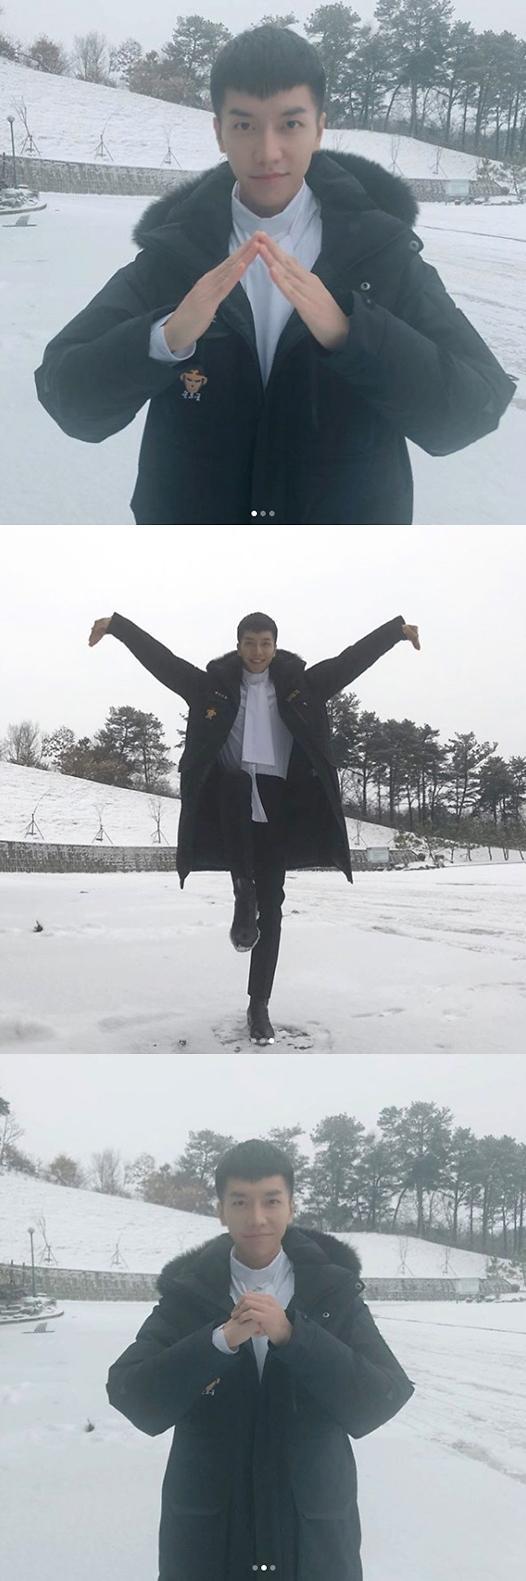 """이승기, 눈덮인 설원 위에서도 집사부일체 향한 애정…""""본방사수!"""""""